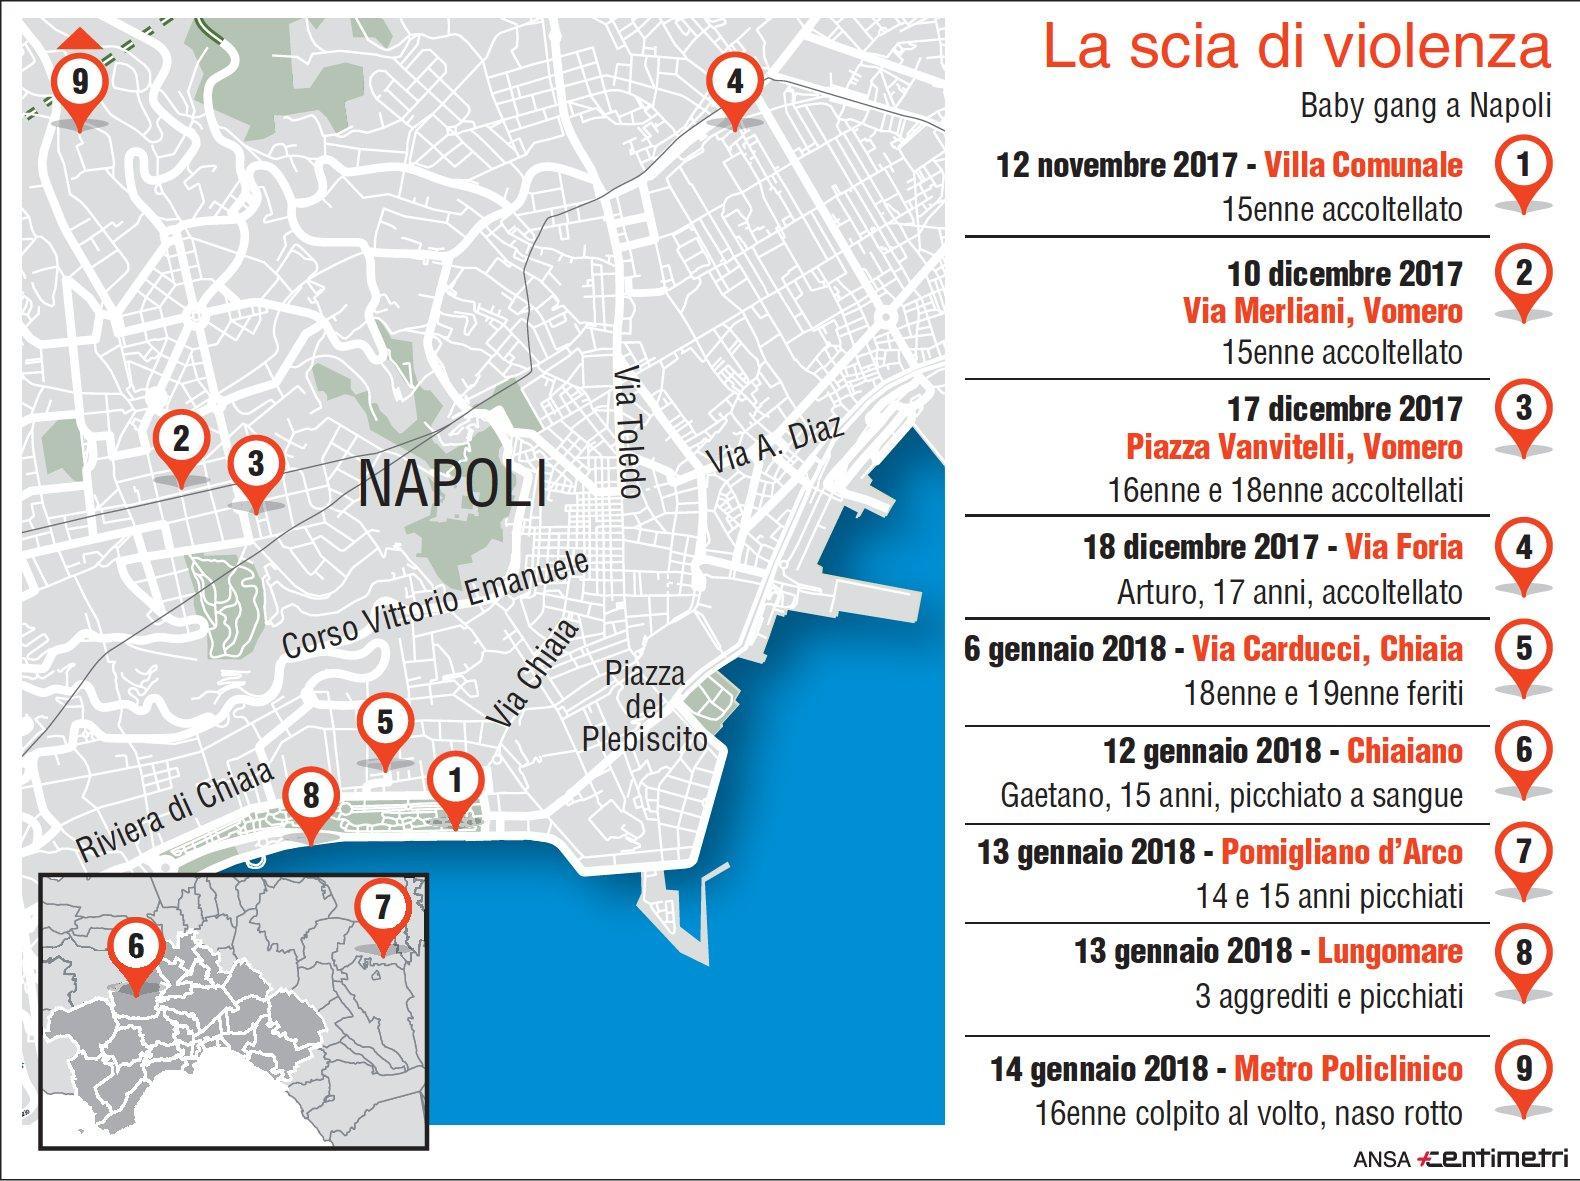 Napoli nelle mani delle babygang